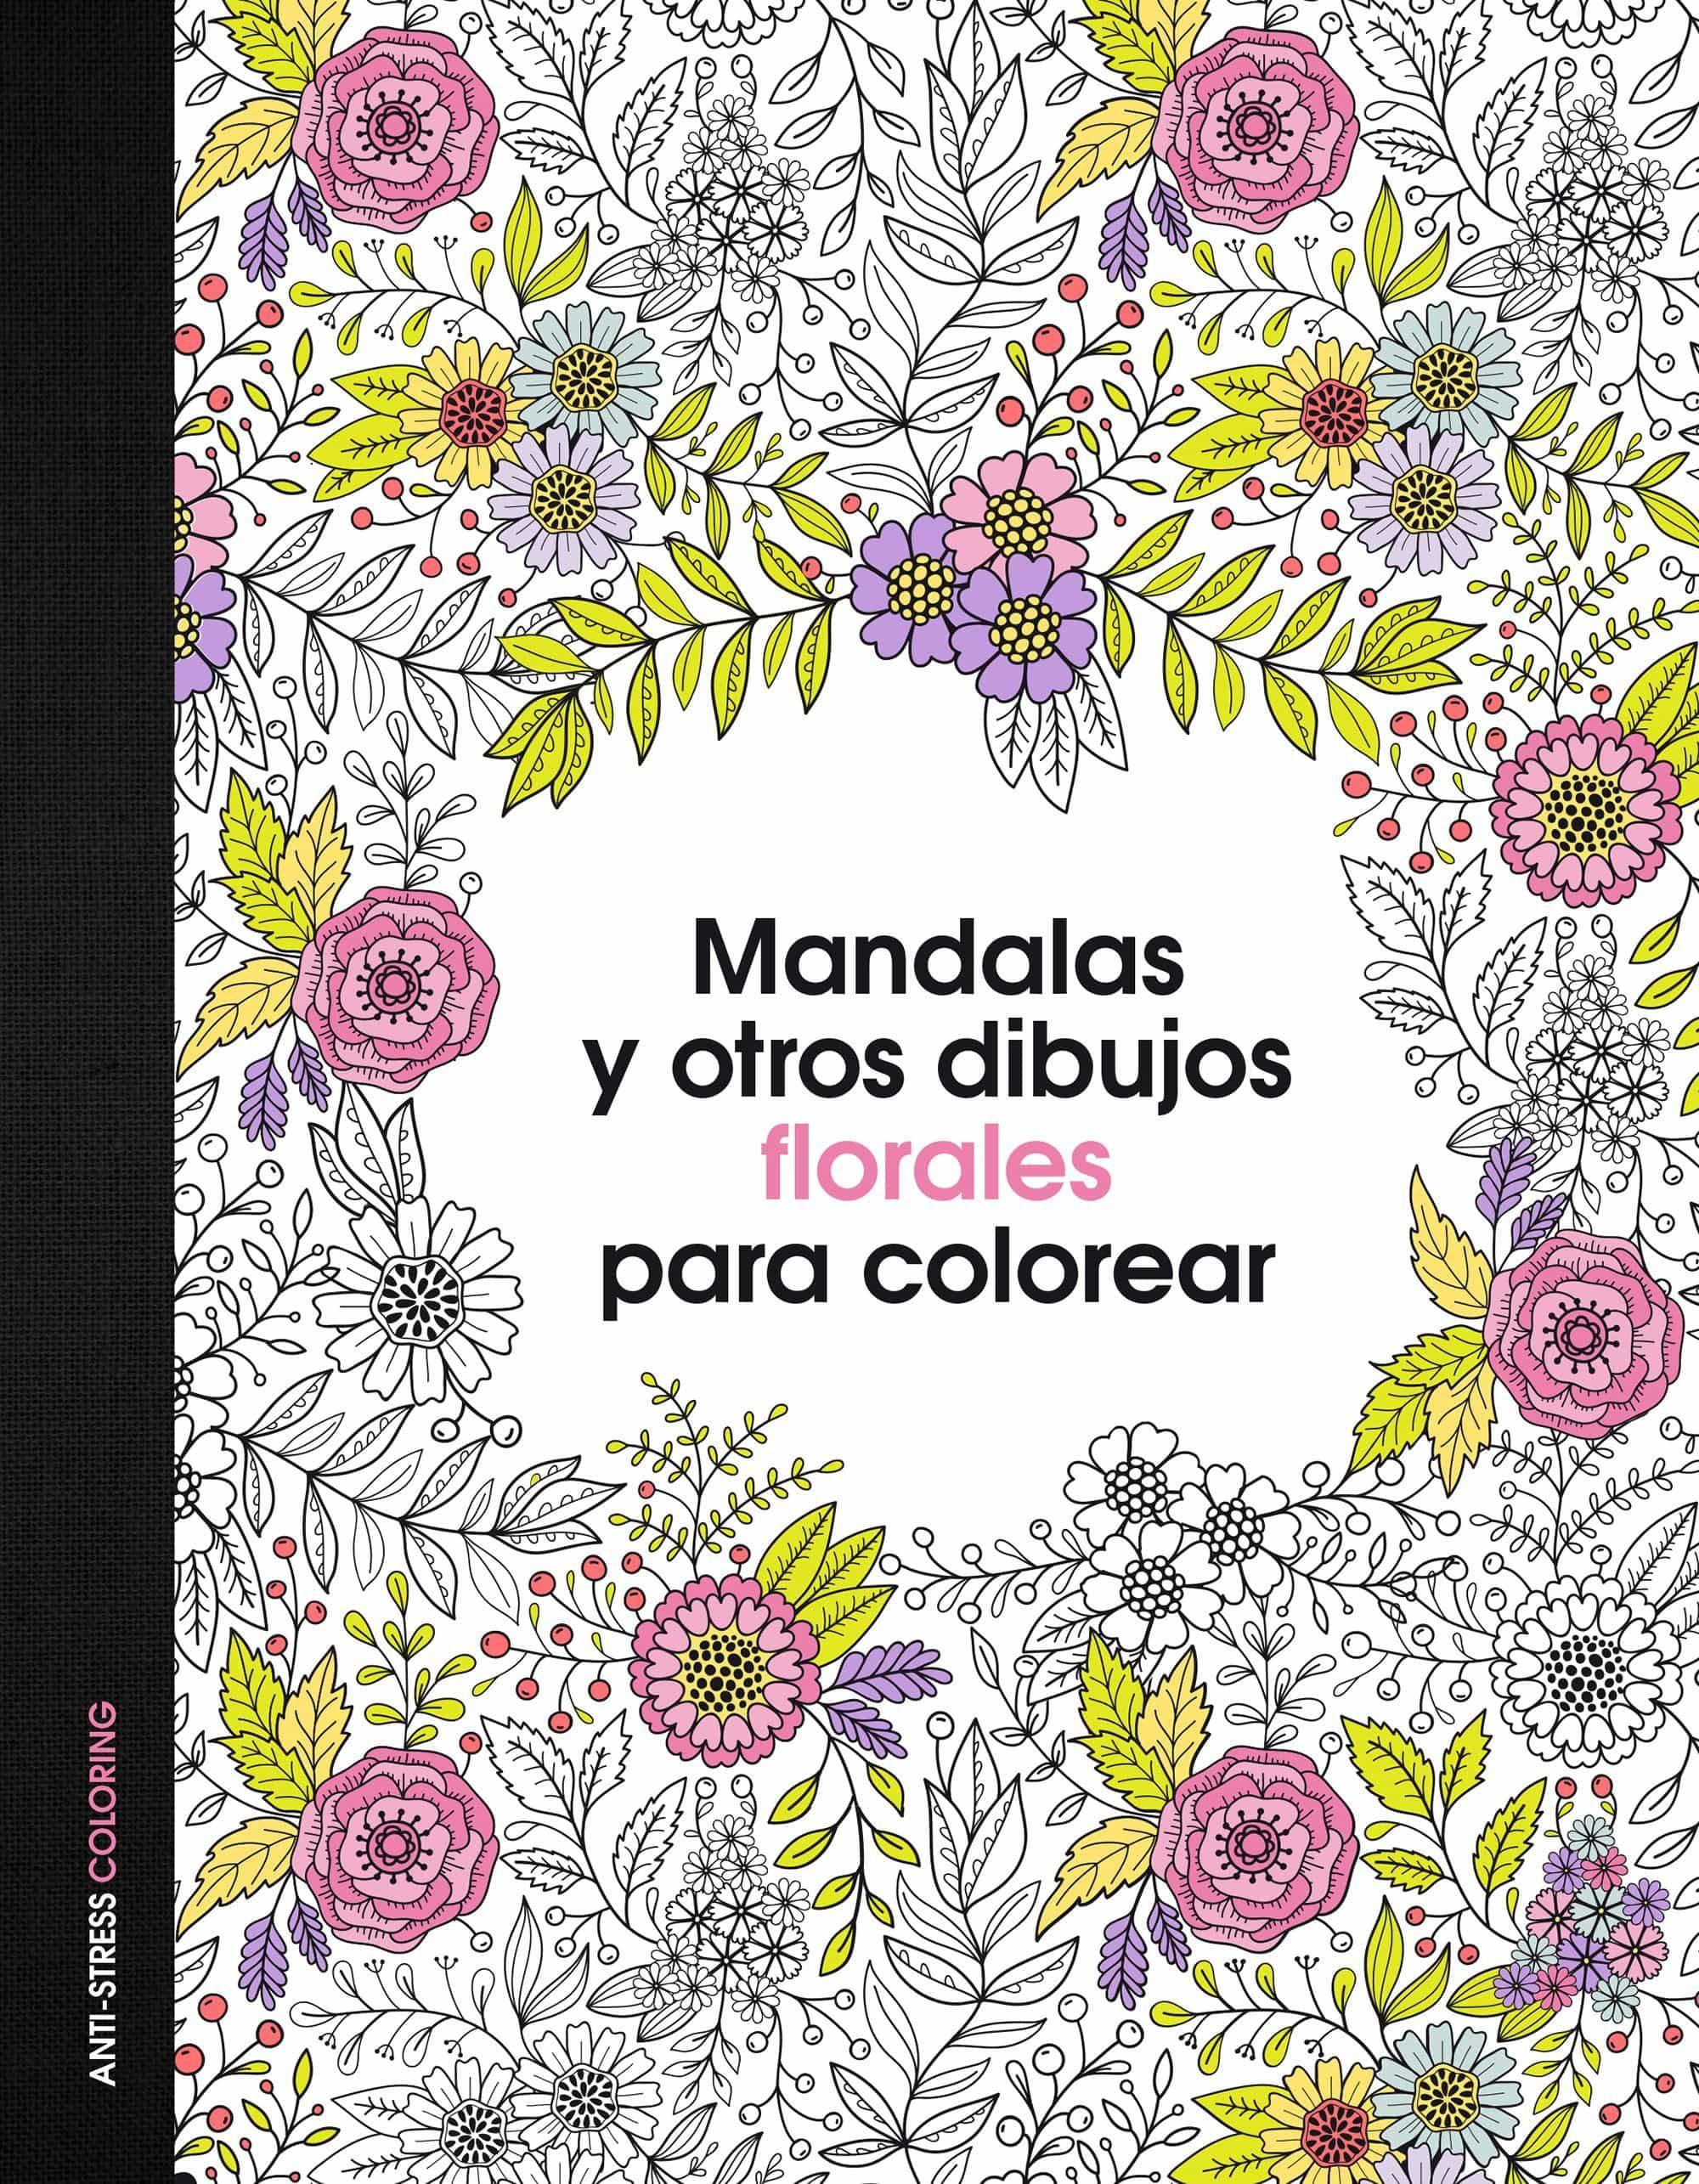 Libros Para Colorear Adultos Pdf Mandalas Y Otros Dibujos